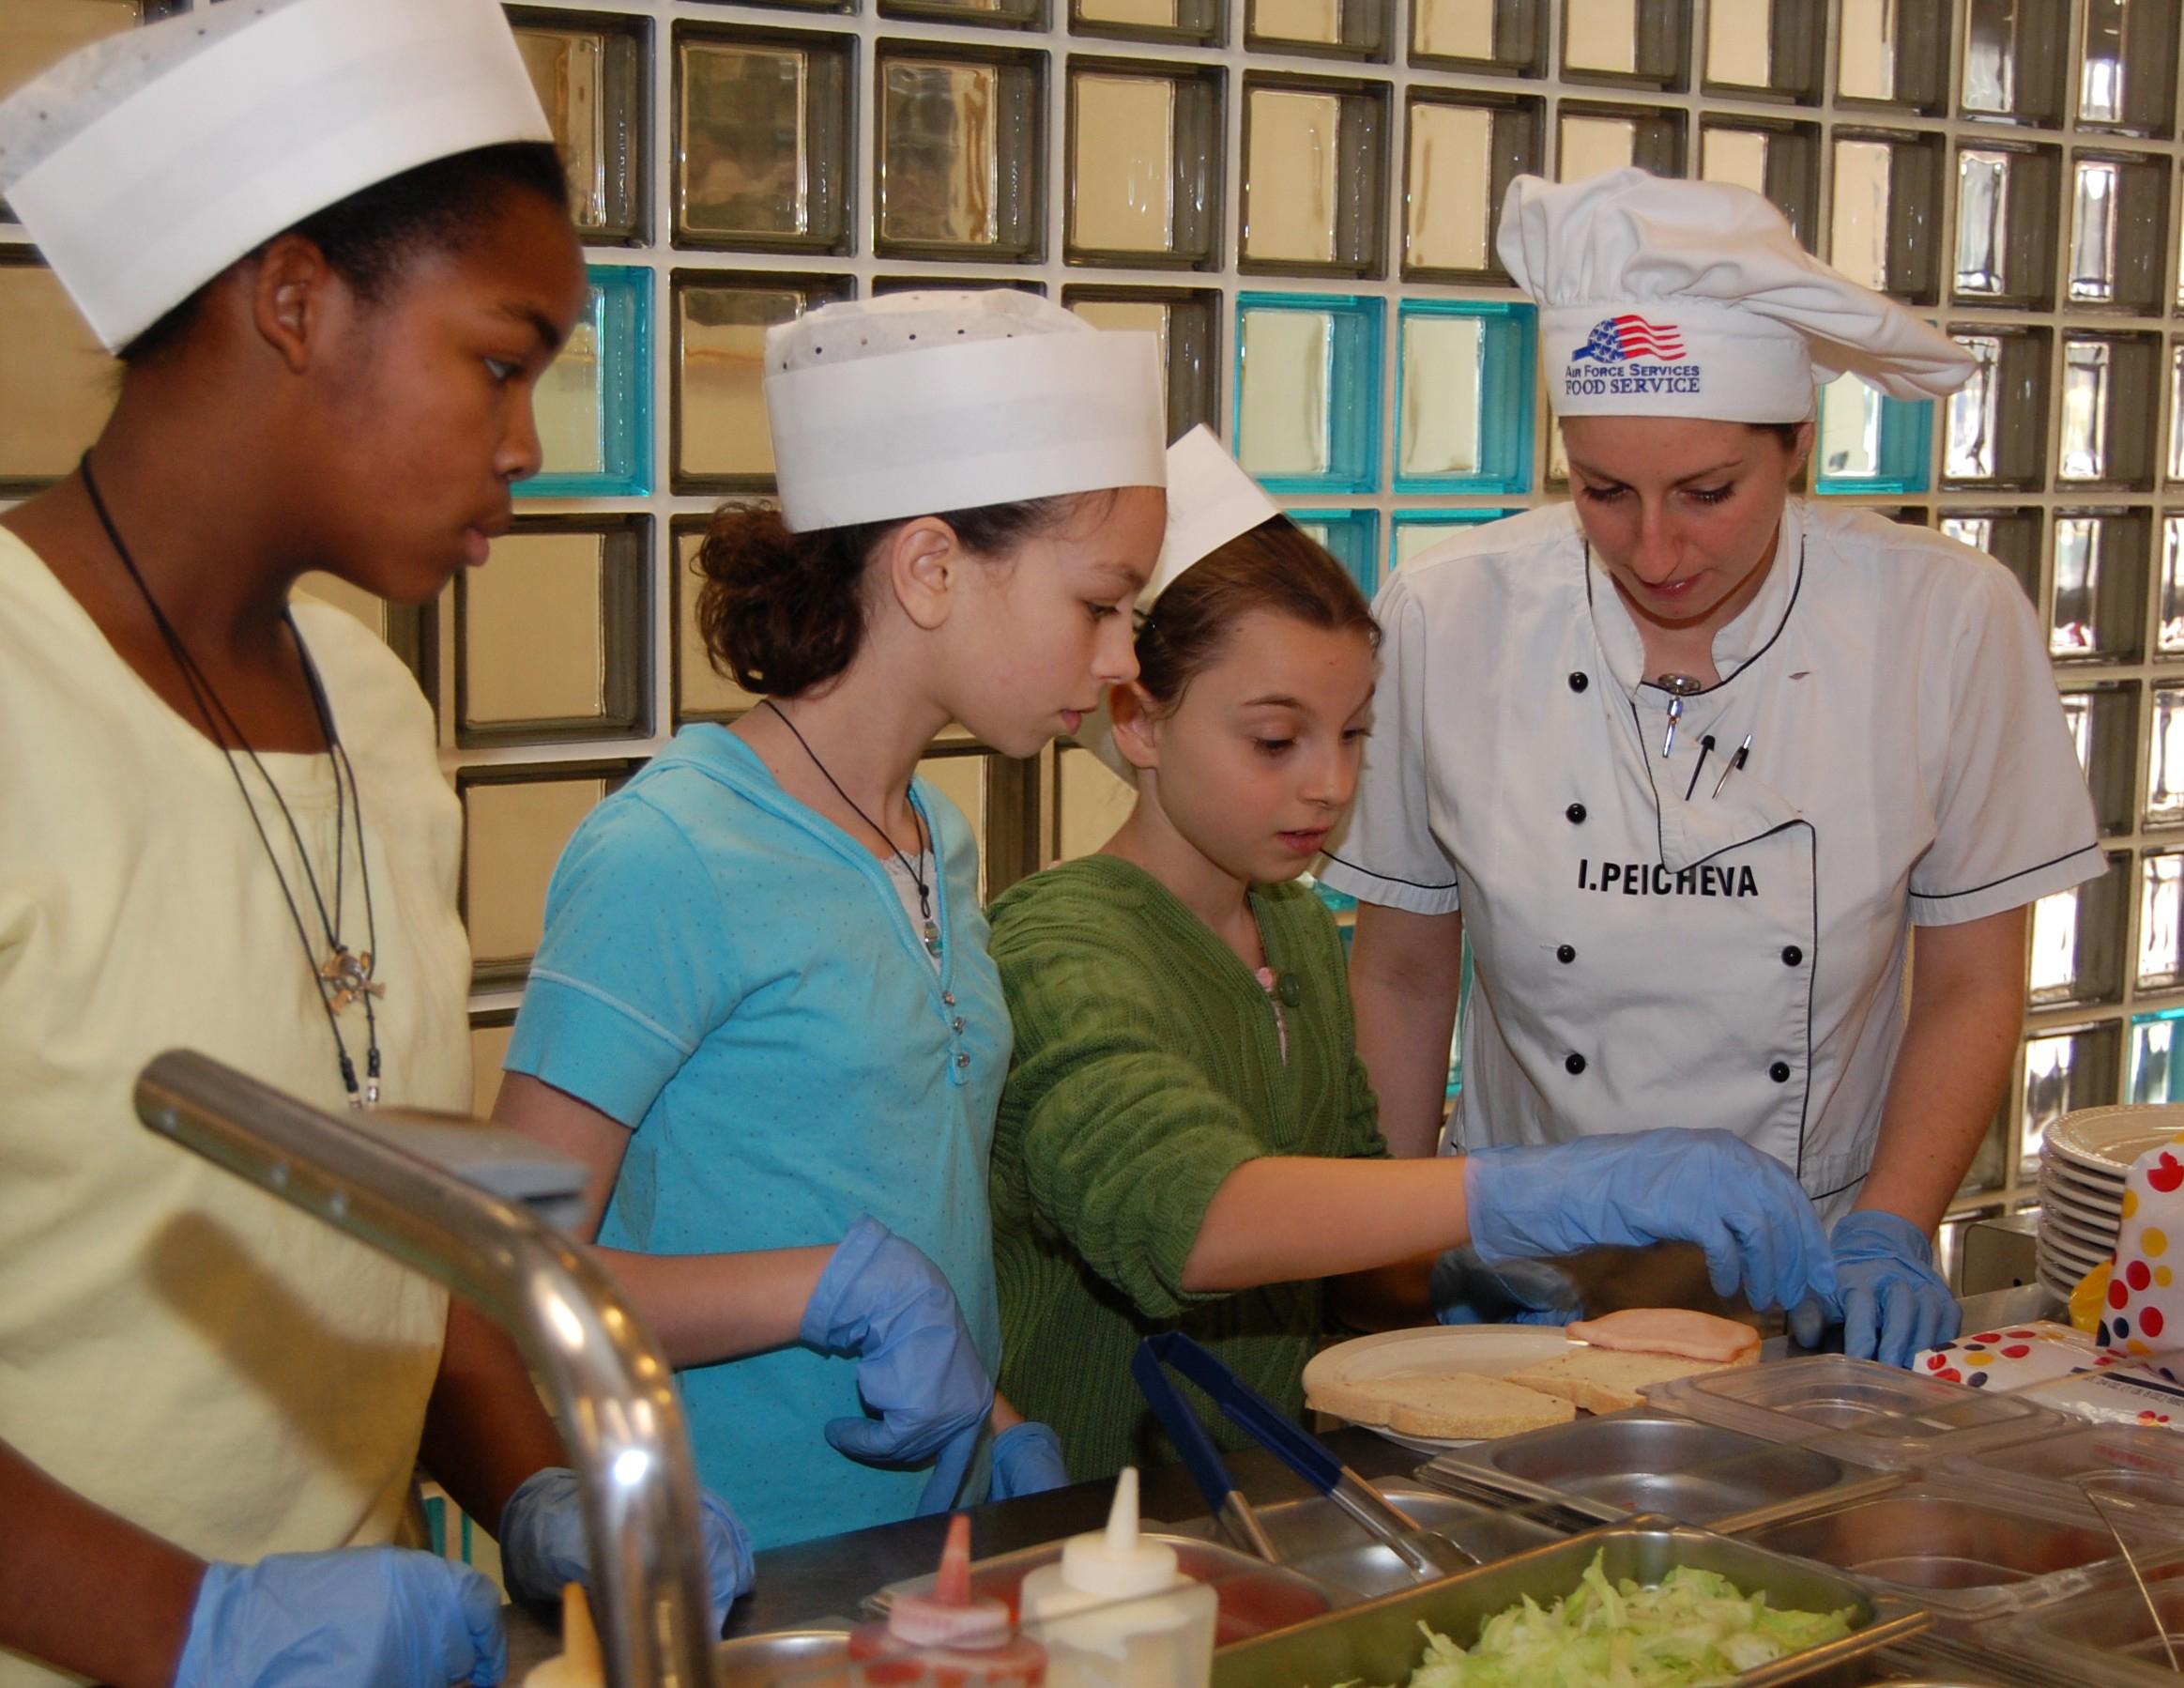 aviano teens children get up close look into base workforce aviano teens children get up close look into base workforce